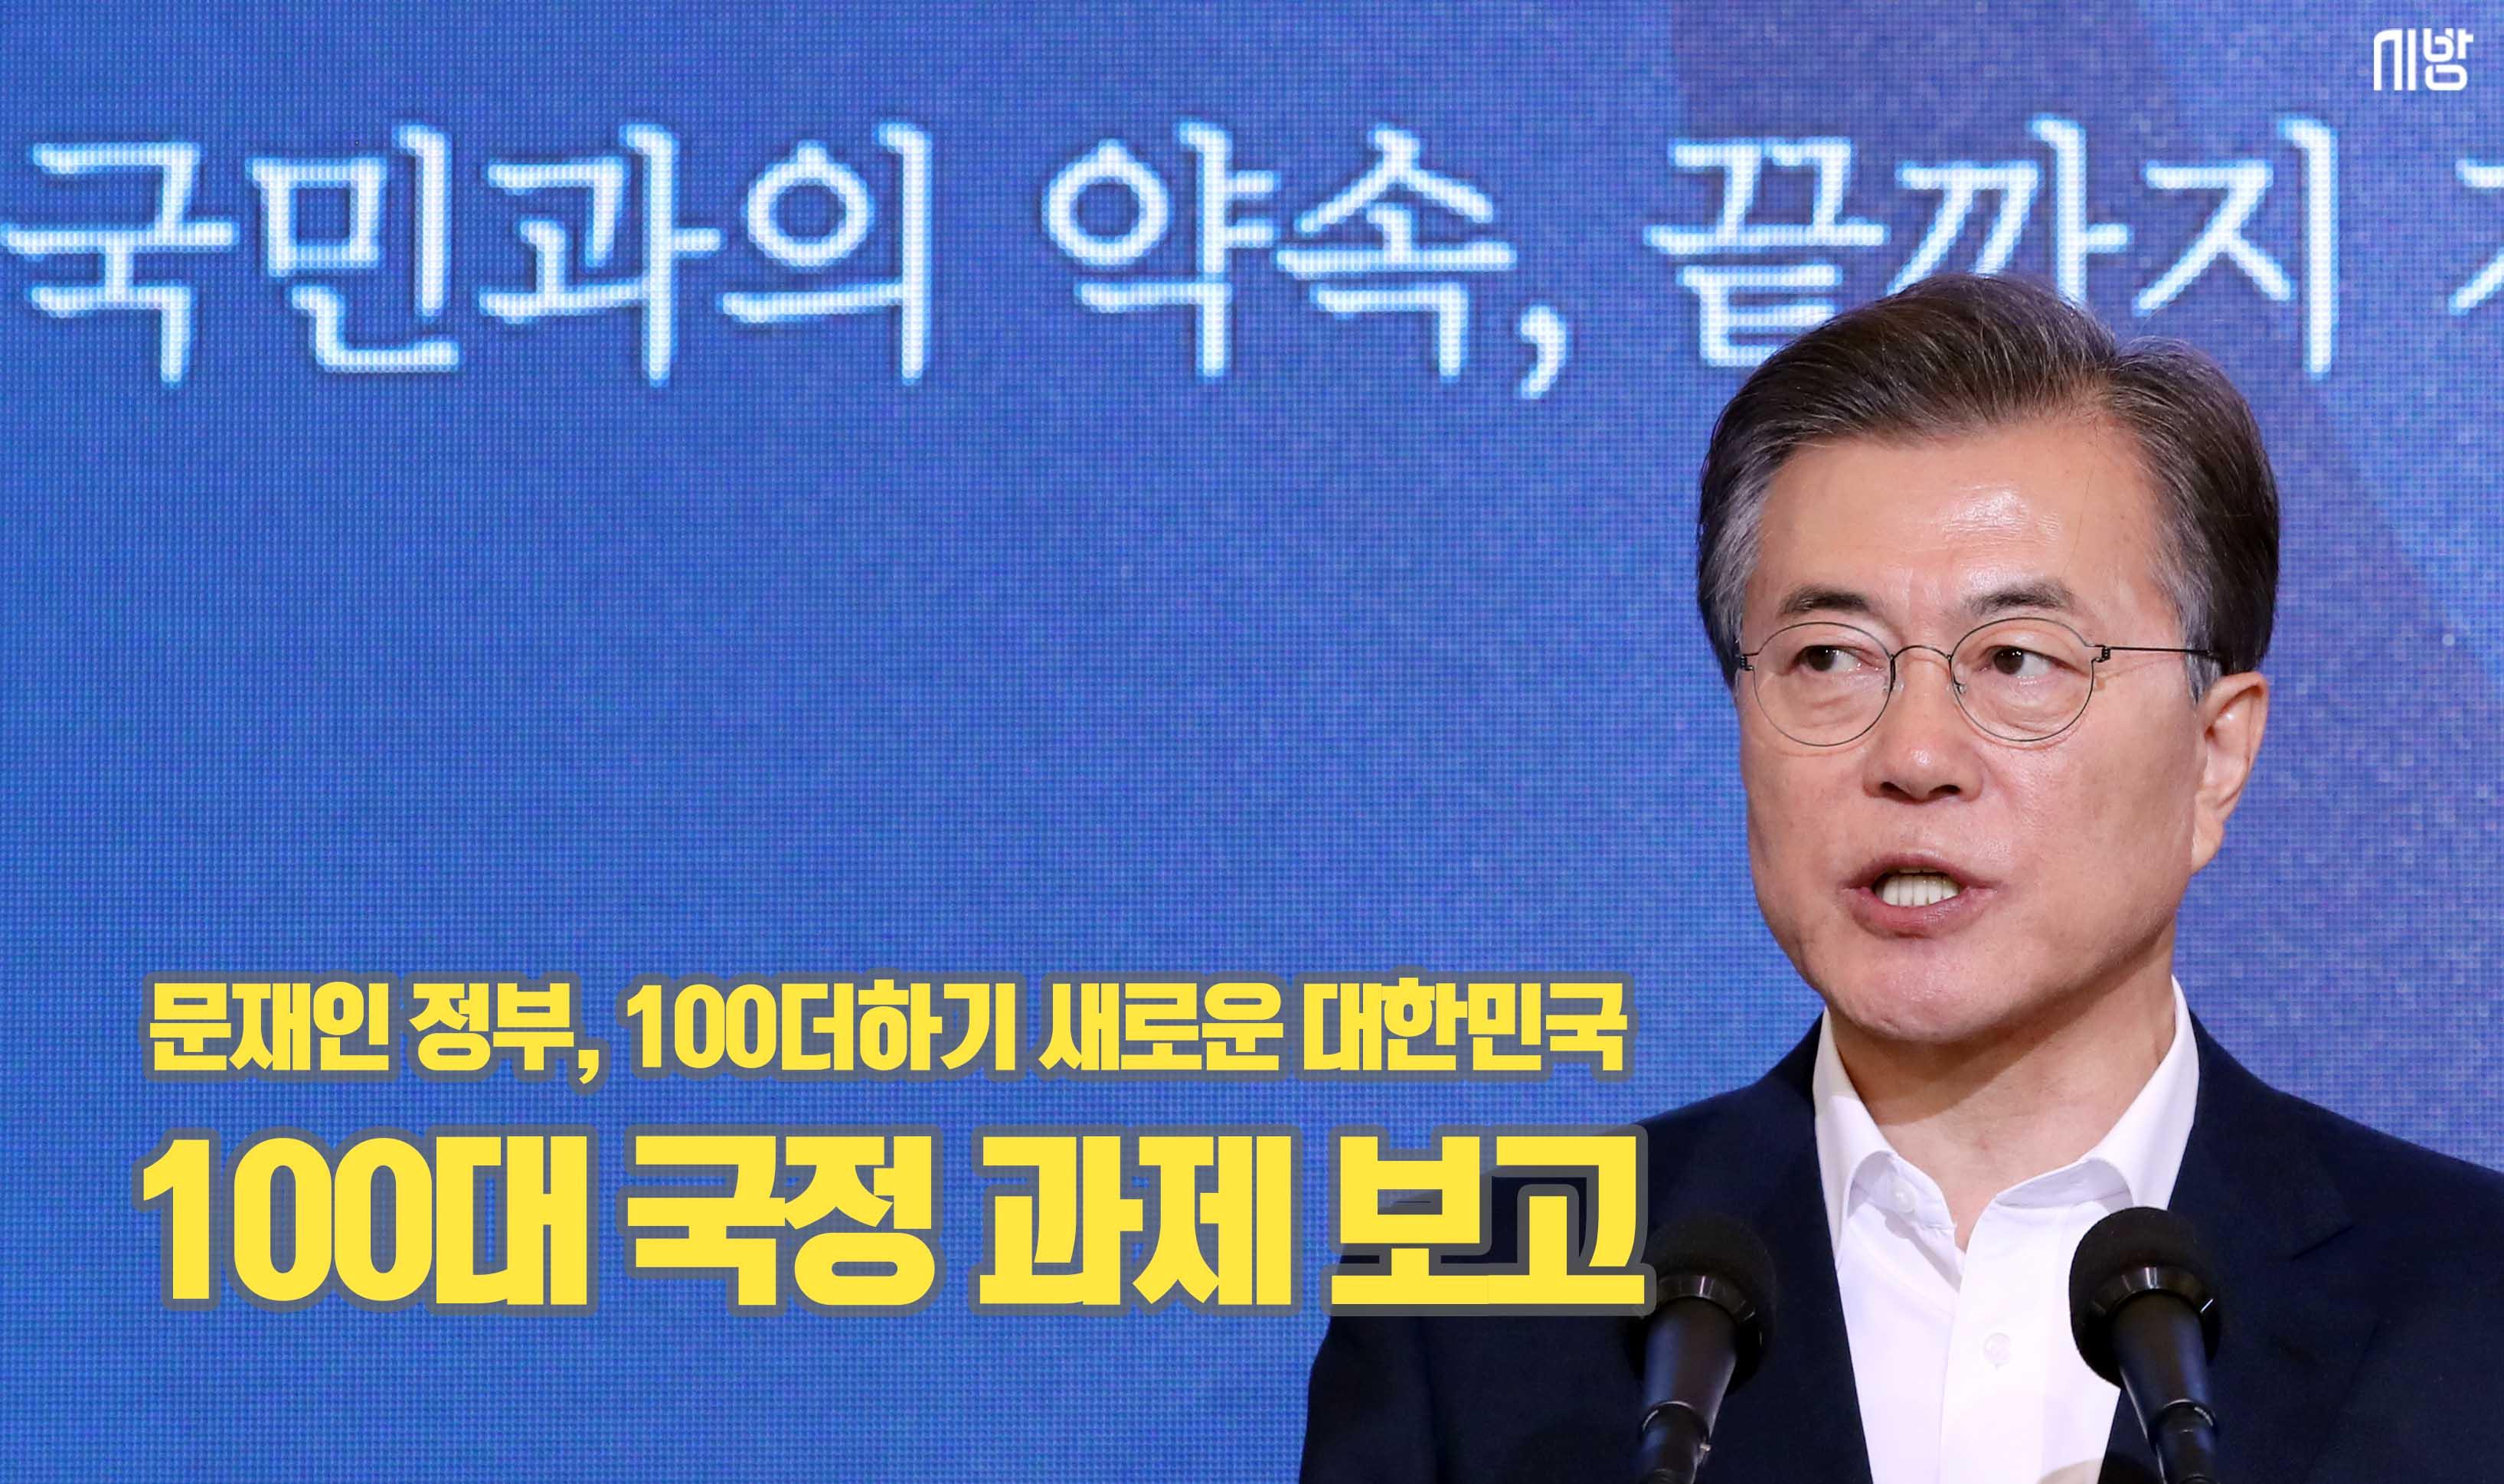 문재인 정부, 국정운영 5개년 계획 발표